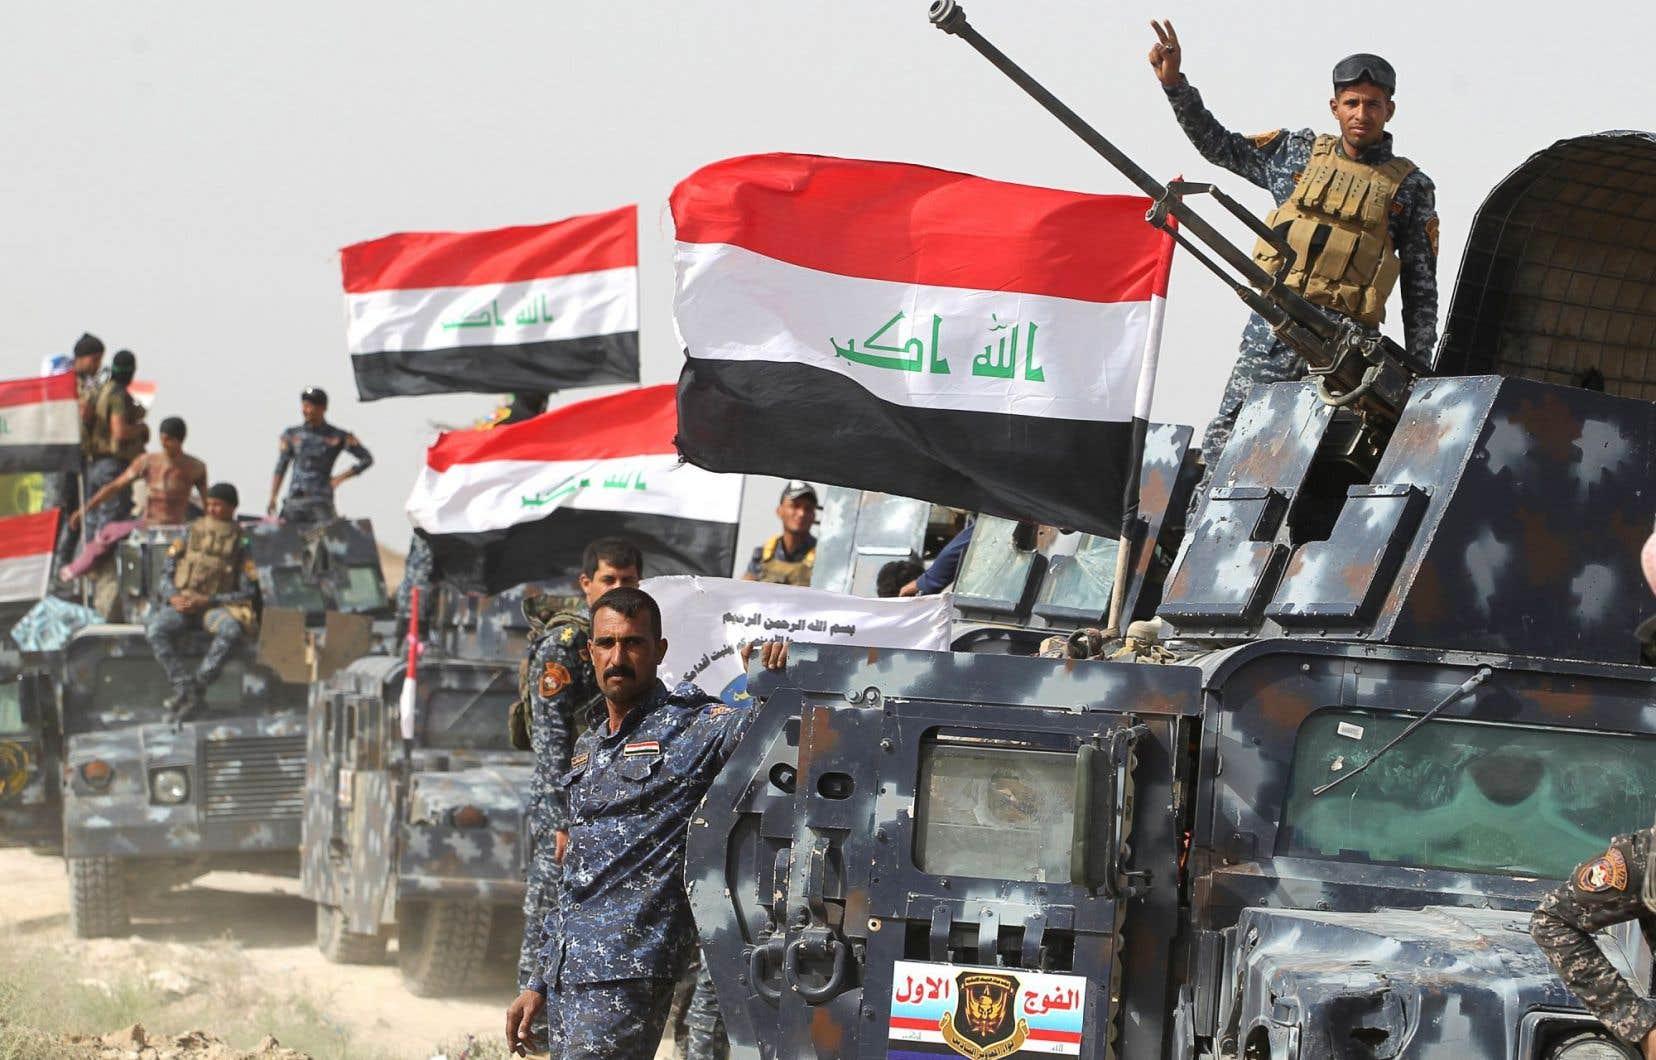 En Irak, près de la frontière avec la Syrie, les forces irakiennes resserraient mardi le siège autour de Fallouja.